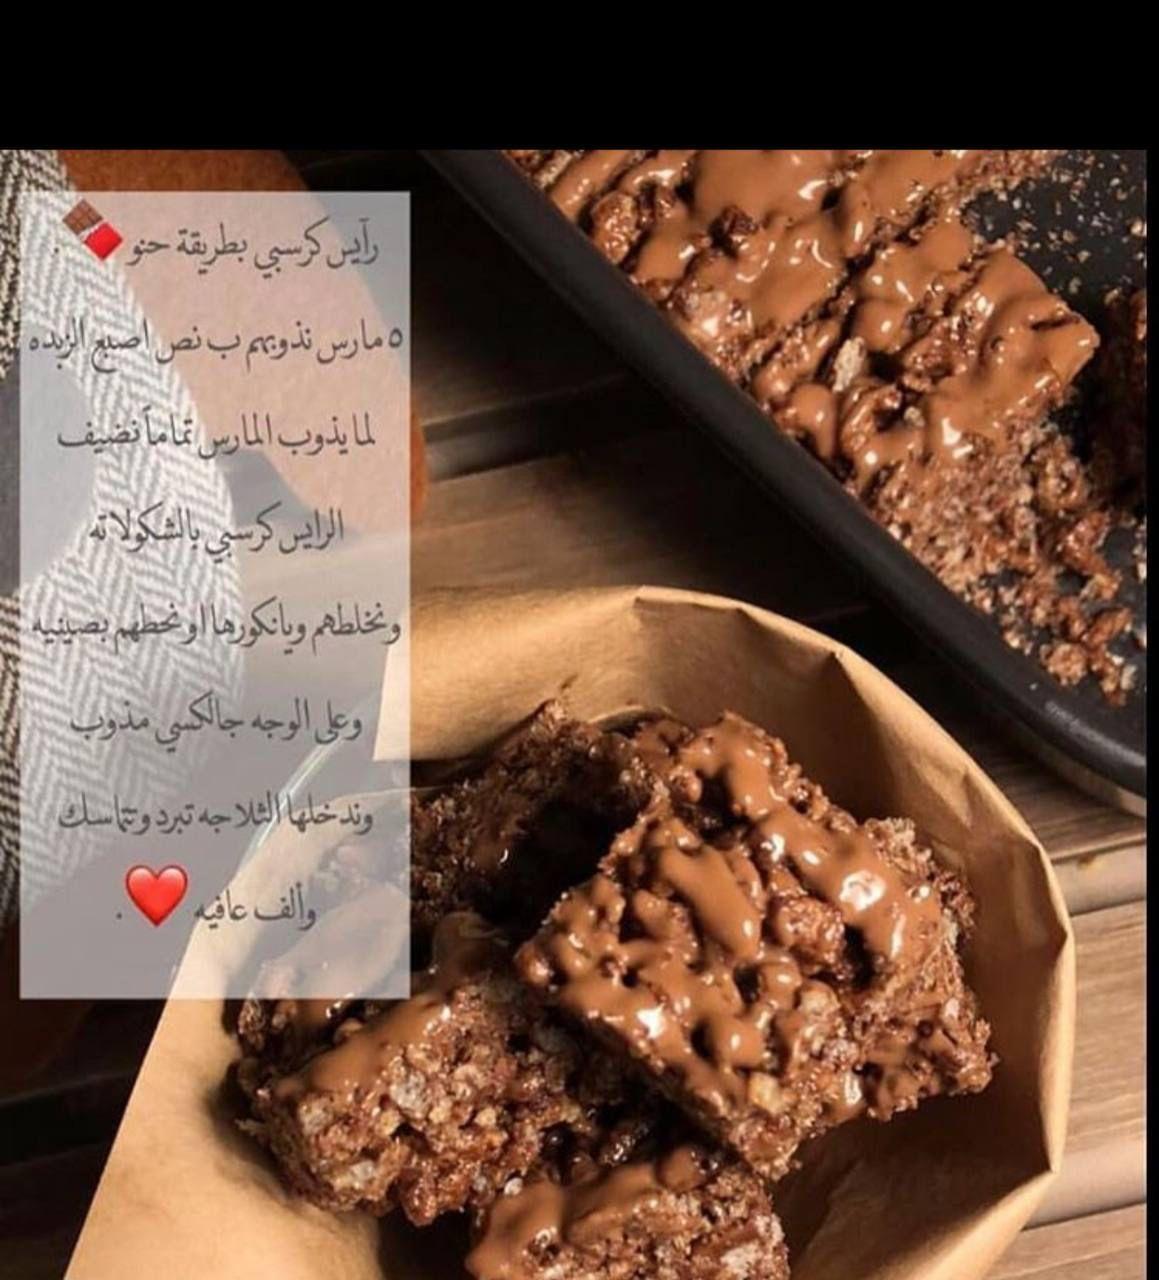 مطبخ البيت السعيد 11 يناير 2021 في 10 30 Pm ذرة بالجبن In 2021 Yummy Food Dessert Diy Food Recipes Sweets Recipes